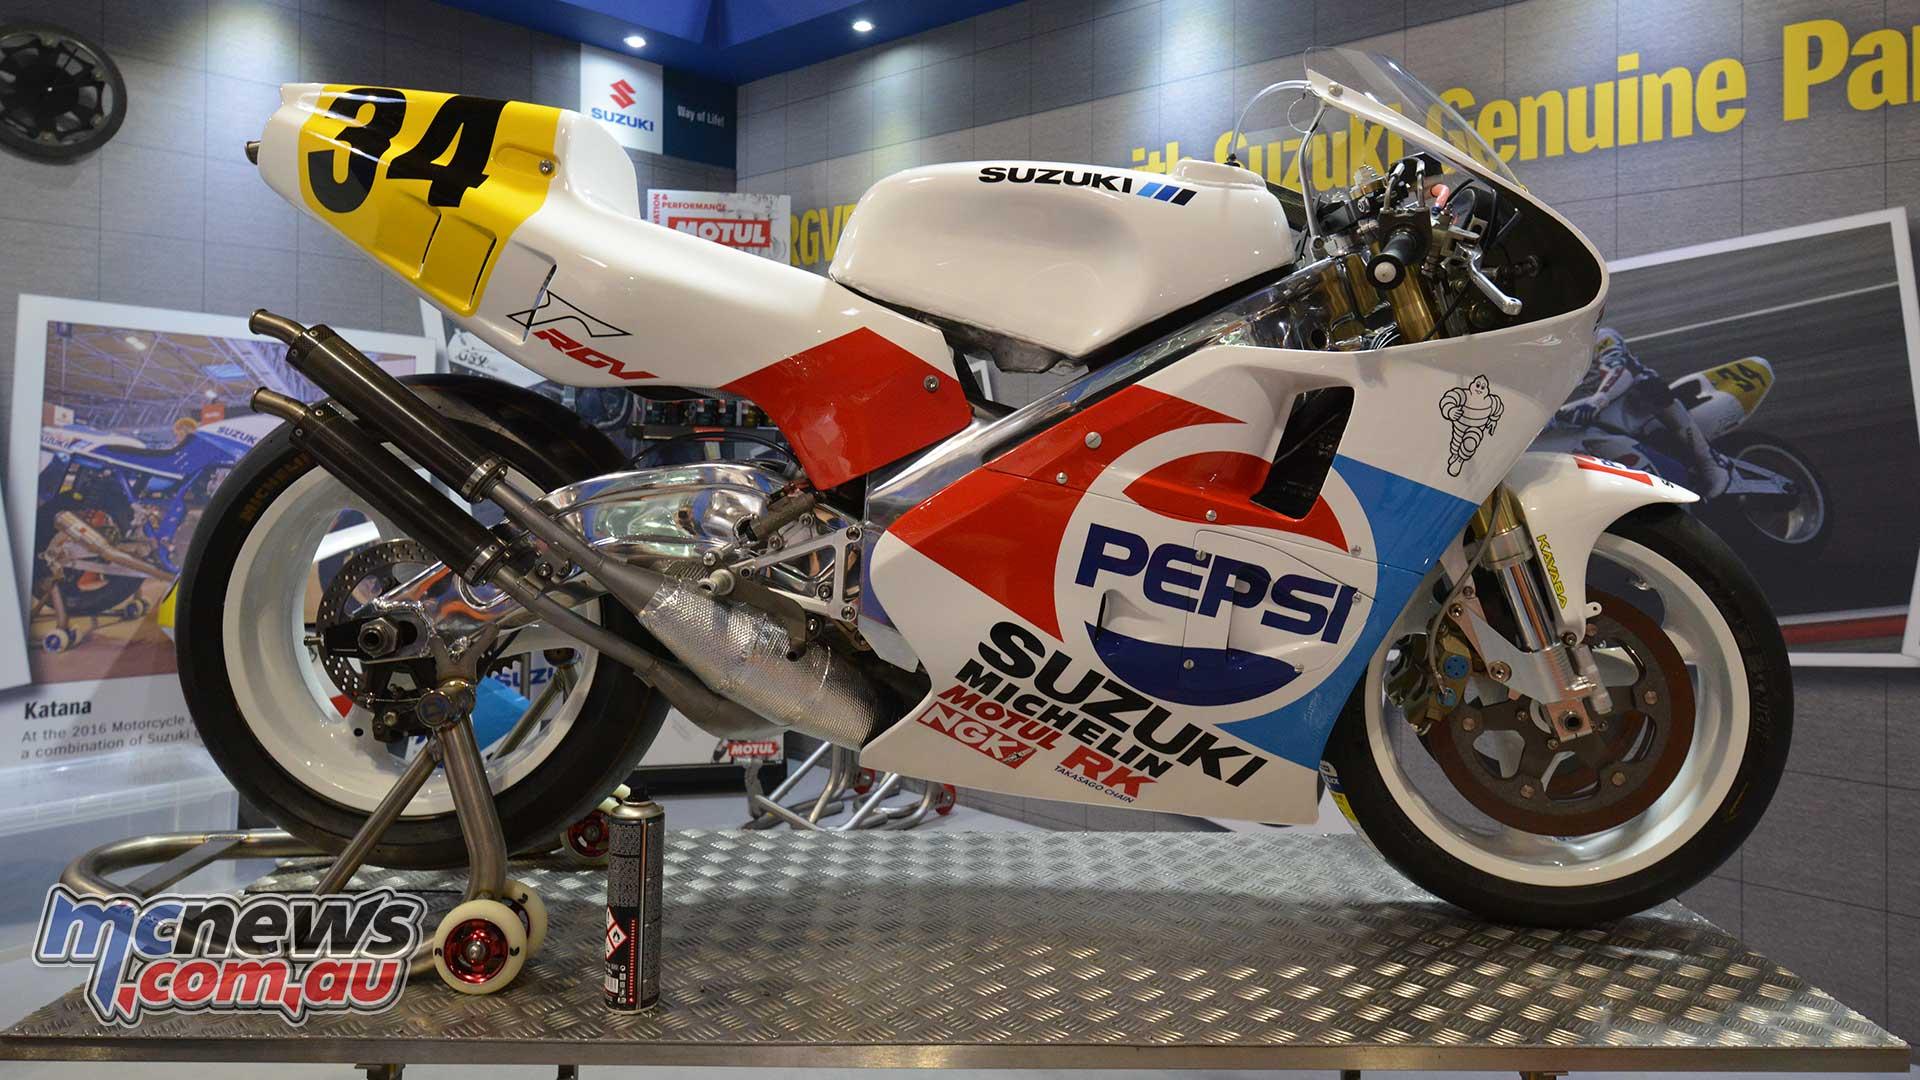 Kevin Schwantz 1989 Suzuki RGV500 reborn | MCNews.com.au